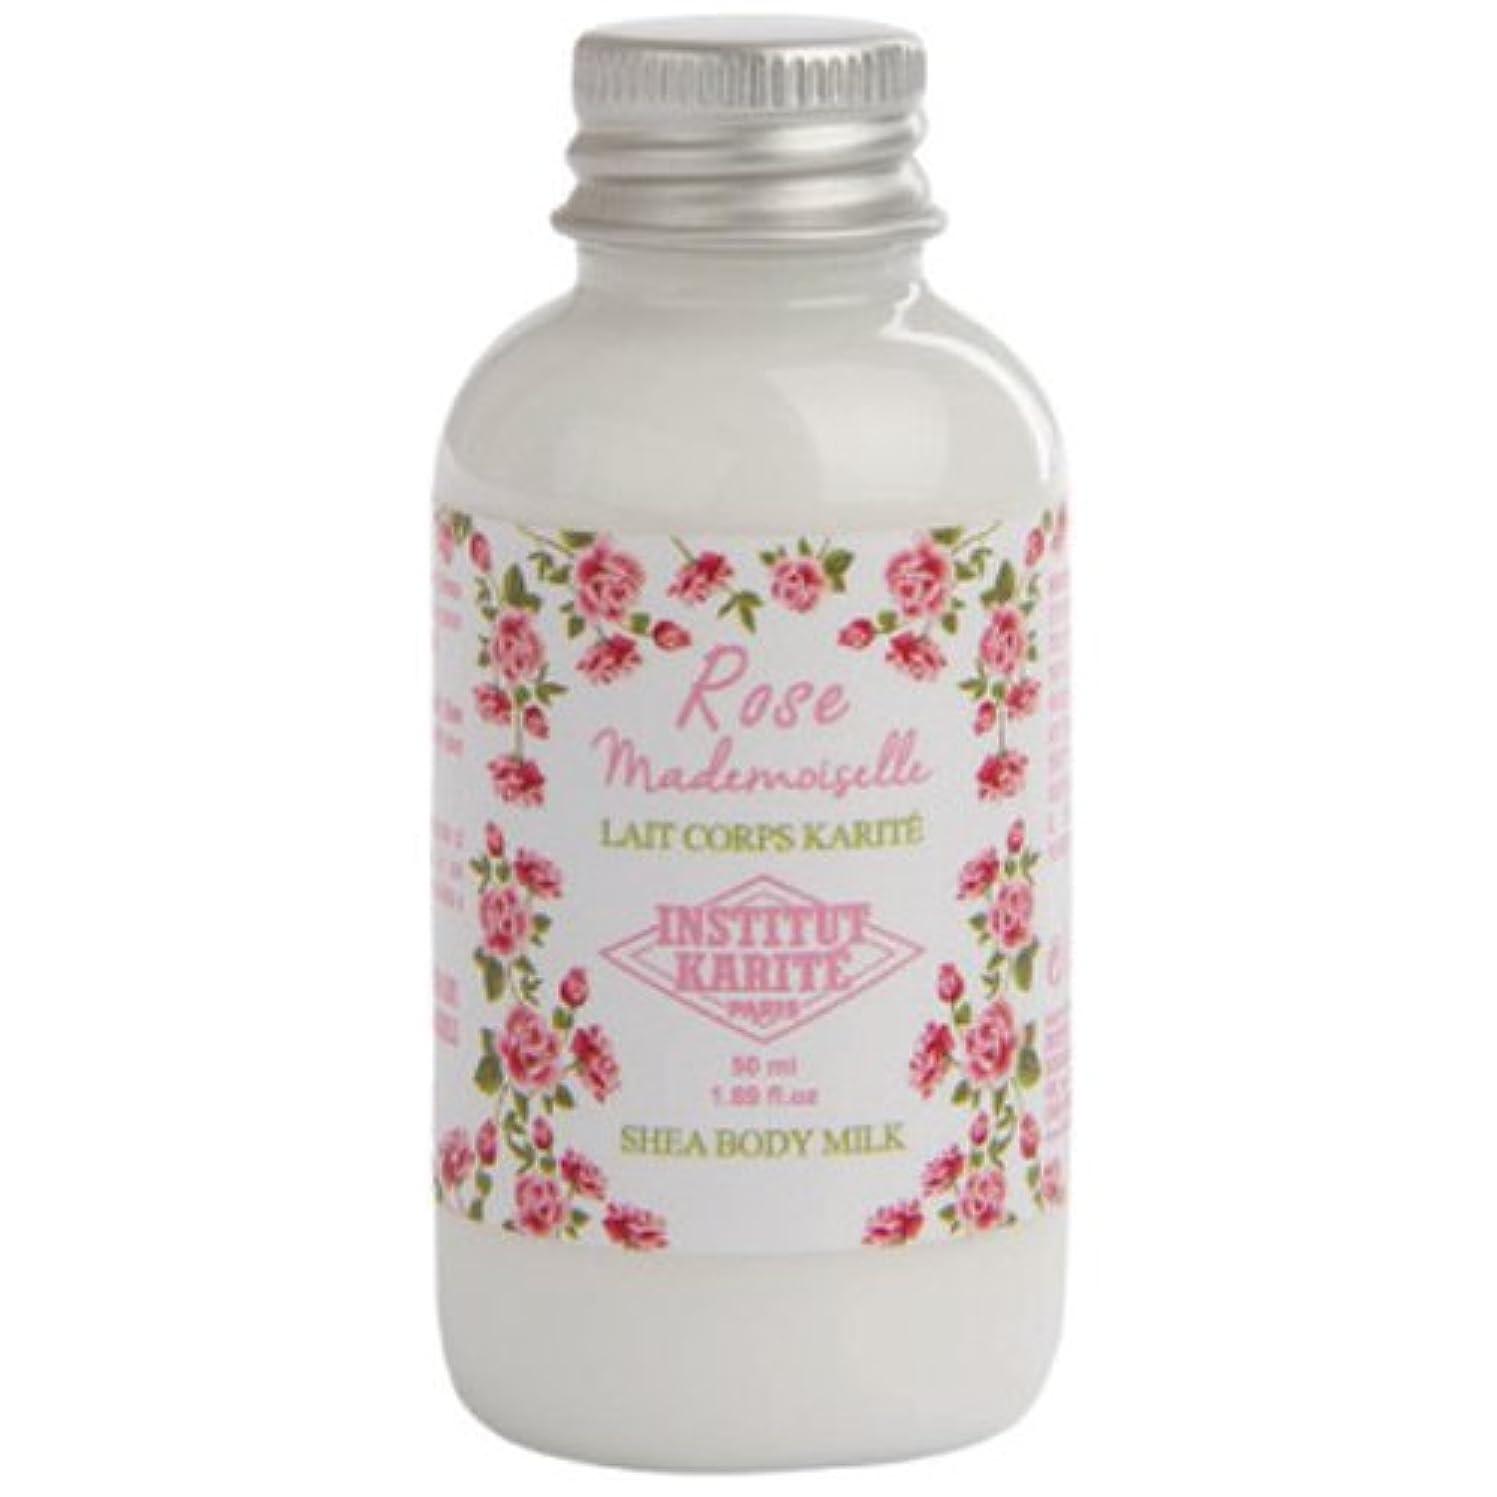 アニメーション記者敵意INSTITUT KARITE カリテ Rose Mademoiselle クラシックローズ Travel Shea Body Milk 50ml